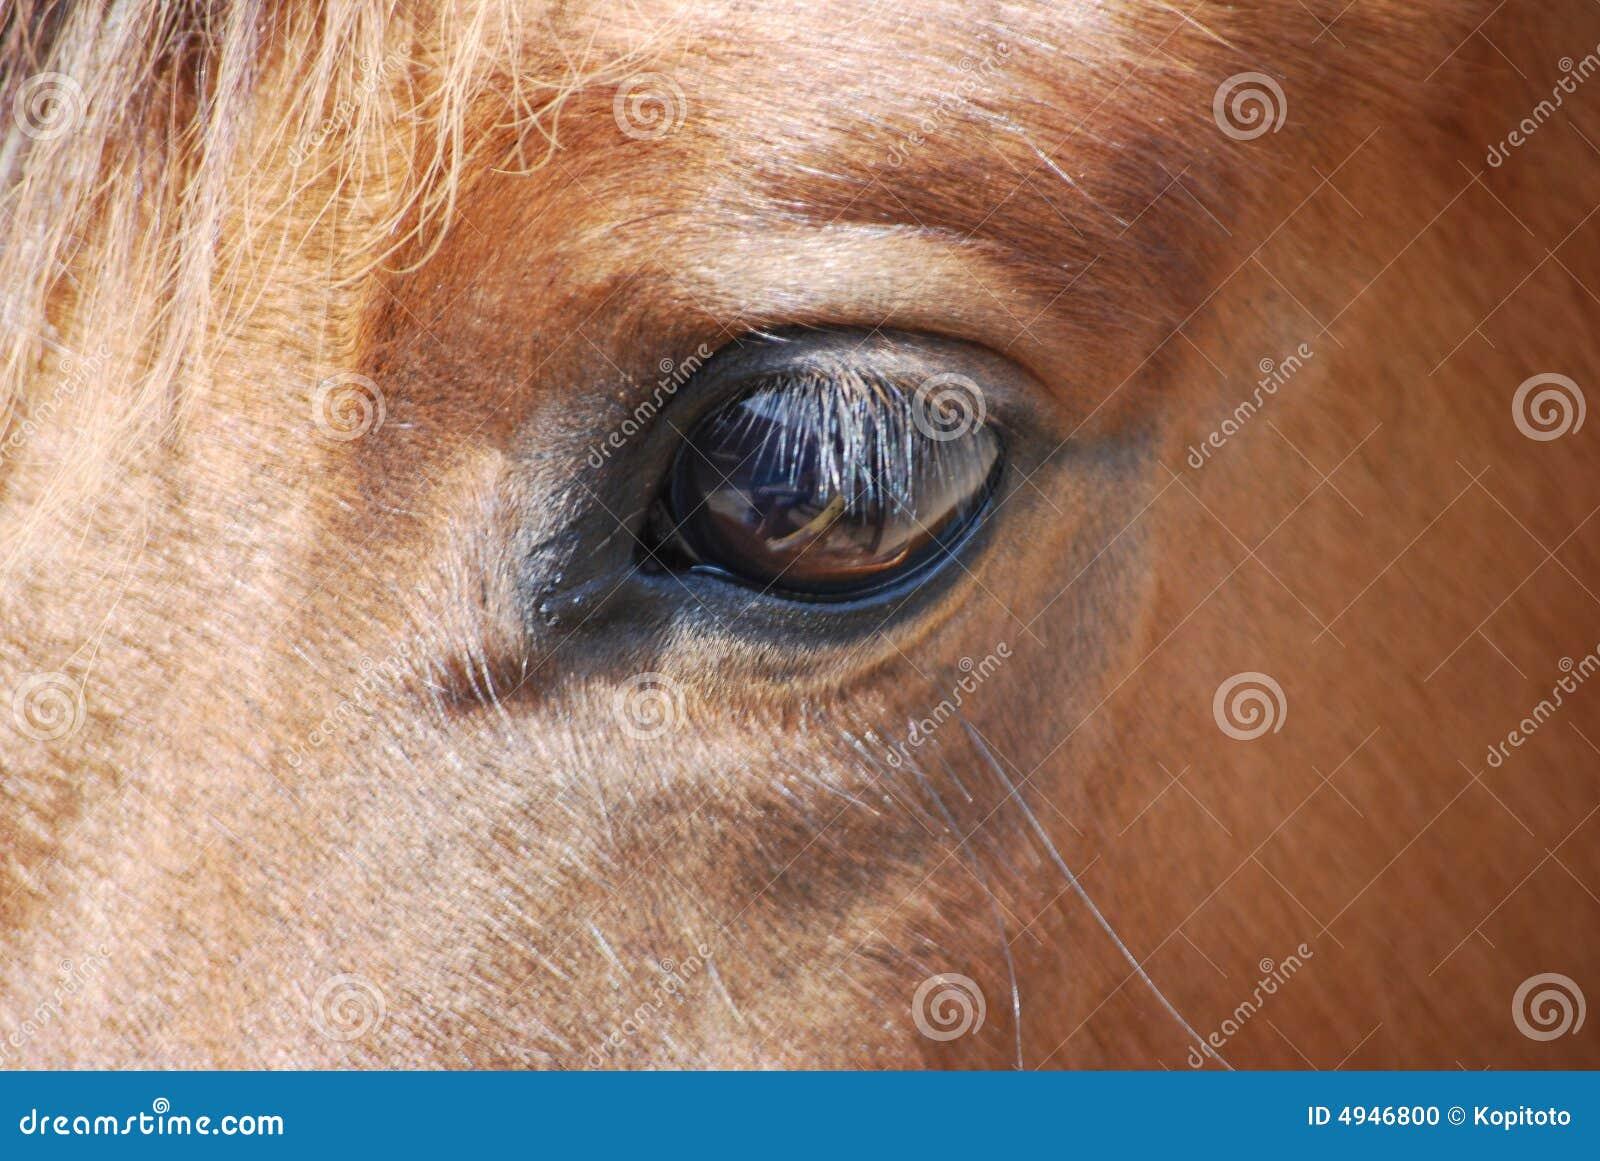 Cavalos do olho e da pestana